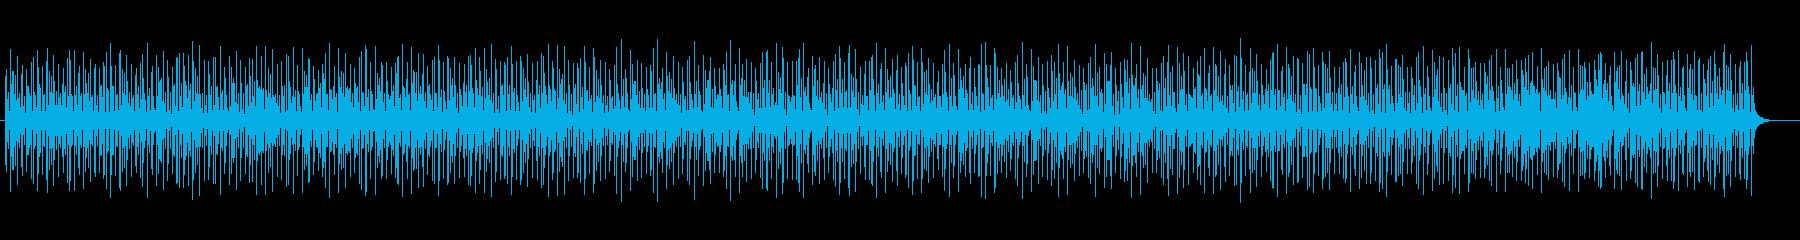 不思議な浮遊感のあるアンビエントな曲の再生済みの波形